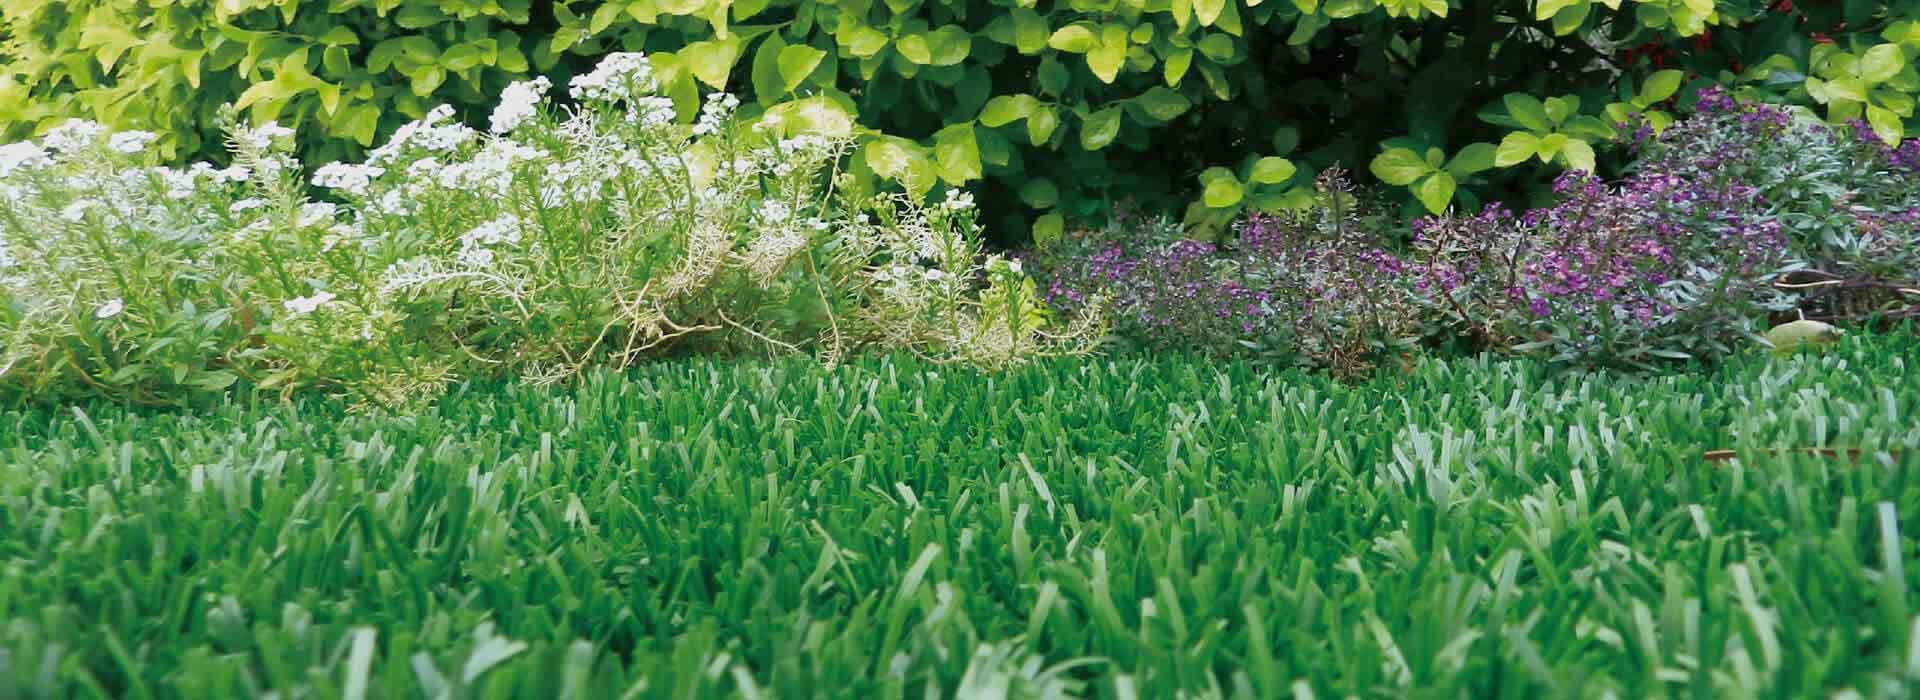 CCGrass artificial landscape grass